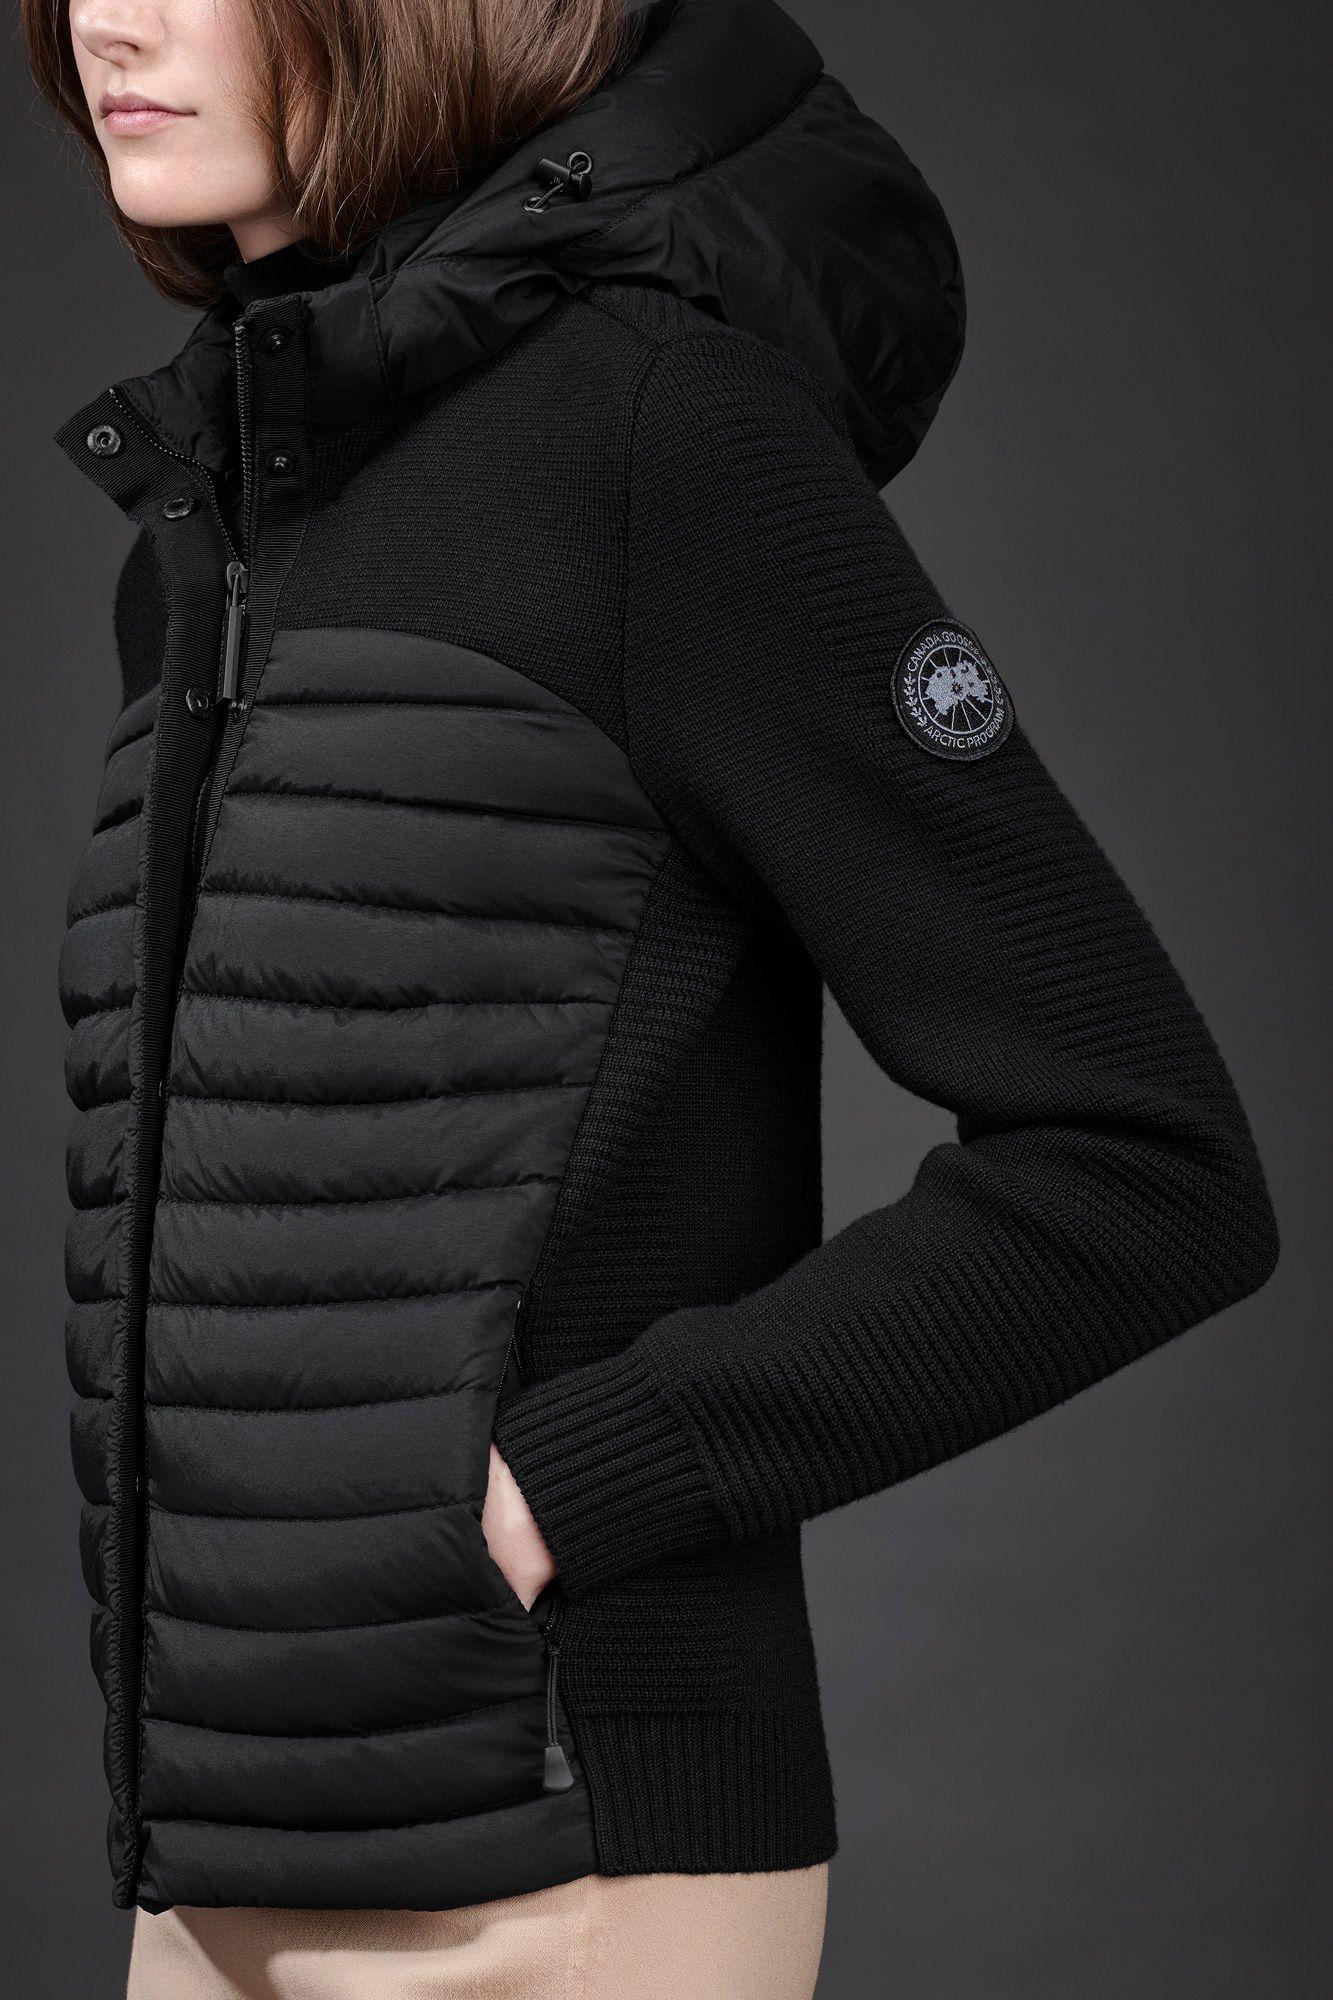 HyBridge Knit Hoody | : winter wear : | Knitting, Winter ...